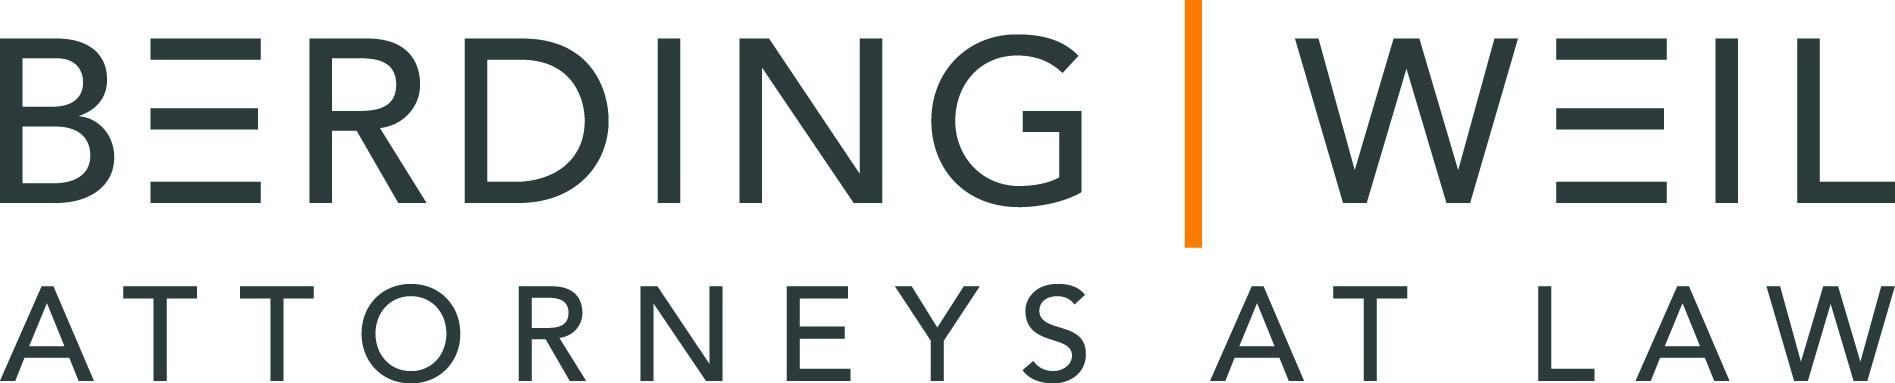 Berding Weil LLP logo